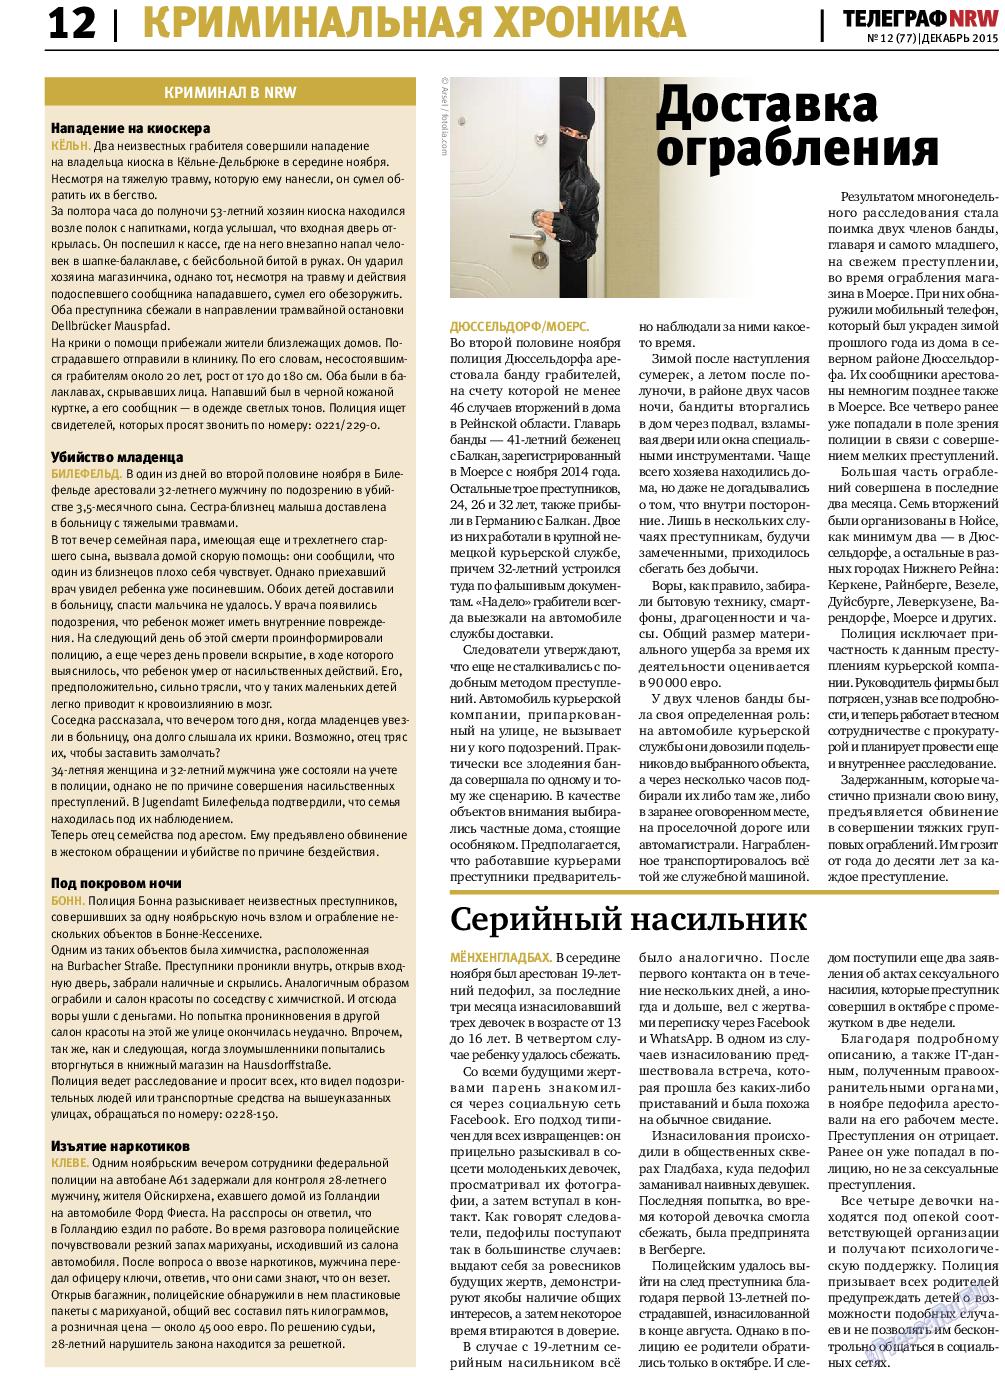 Телеграф NRW (газета). 2015 год, номер 12, стр. 12